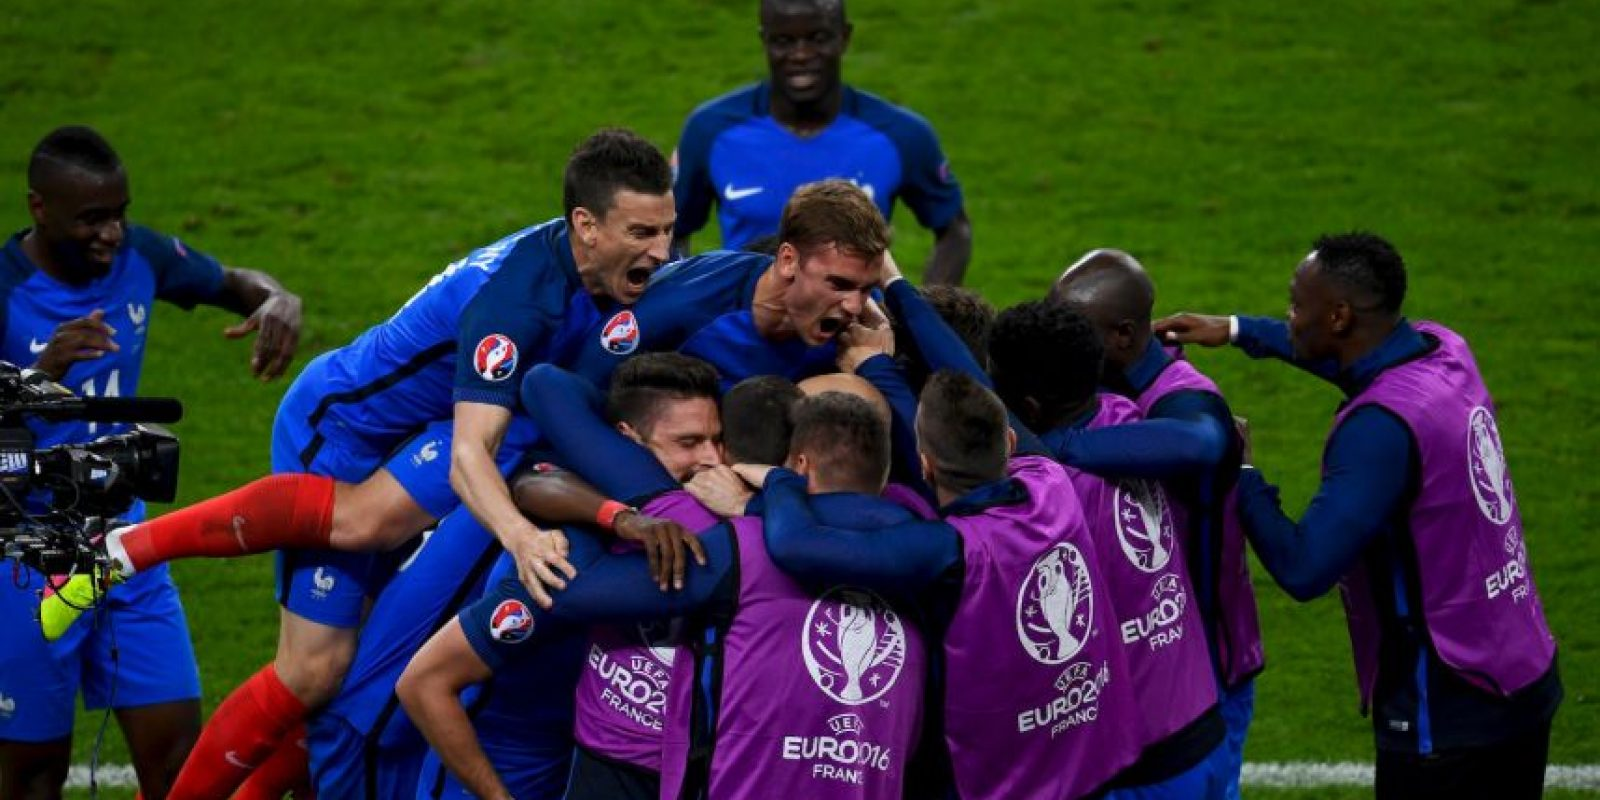 Francia celebró en el inicio de la Eurocopa y se ilusionan con hacer valer su favoritismo Foto:Getty Images